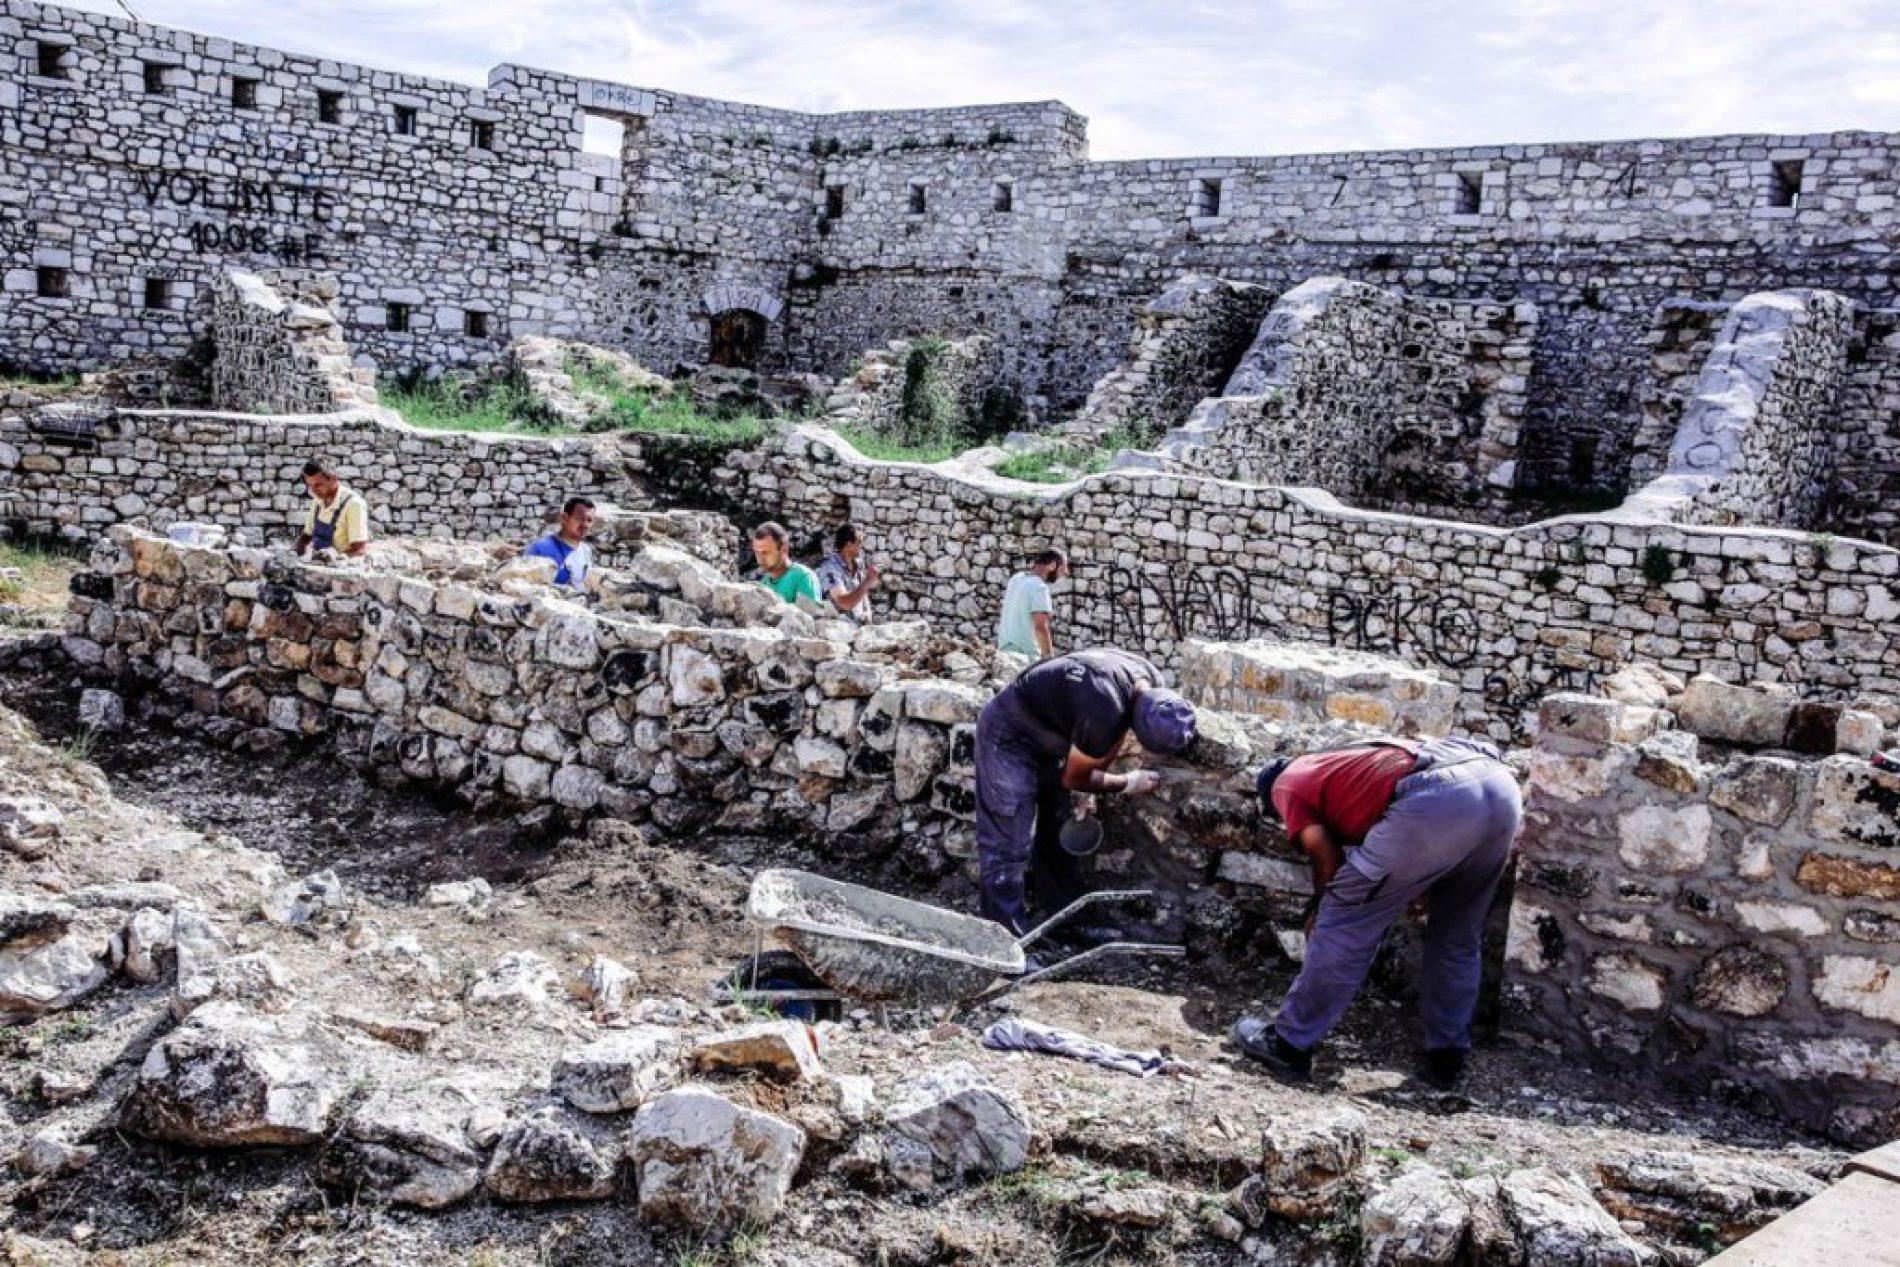 Pri kraju radovi na sanaciji zidova unutar Bijele tabije (FOTO)